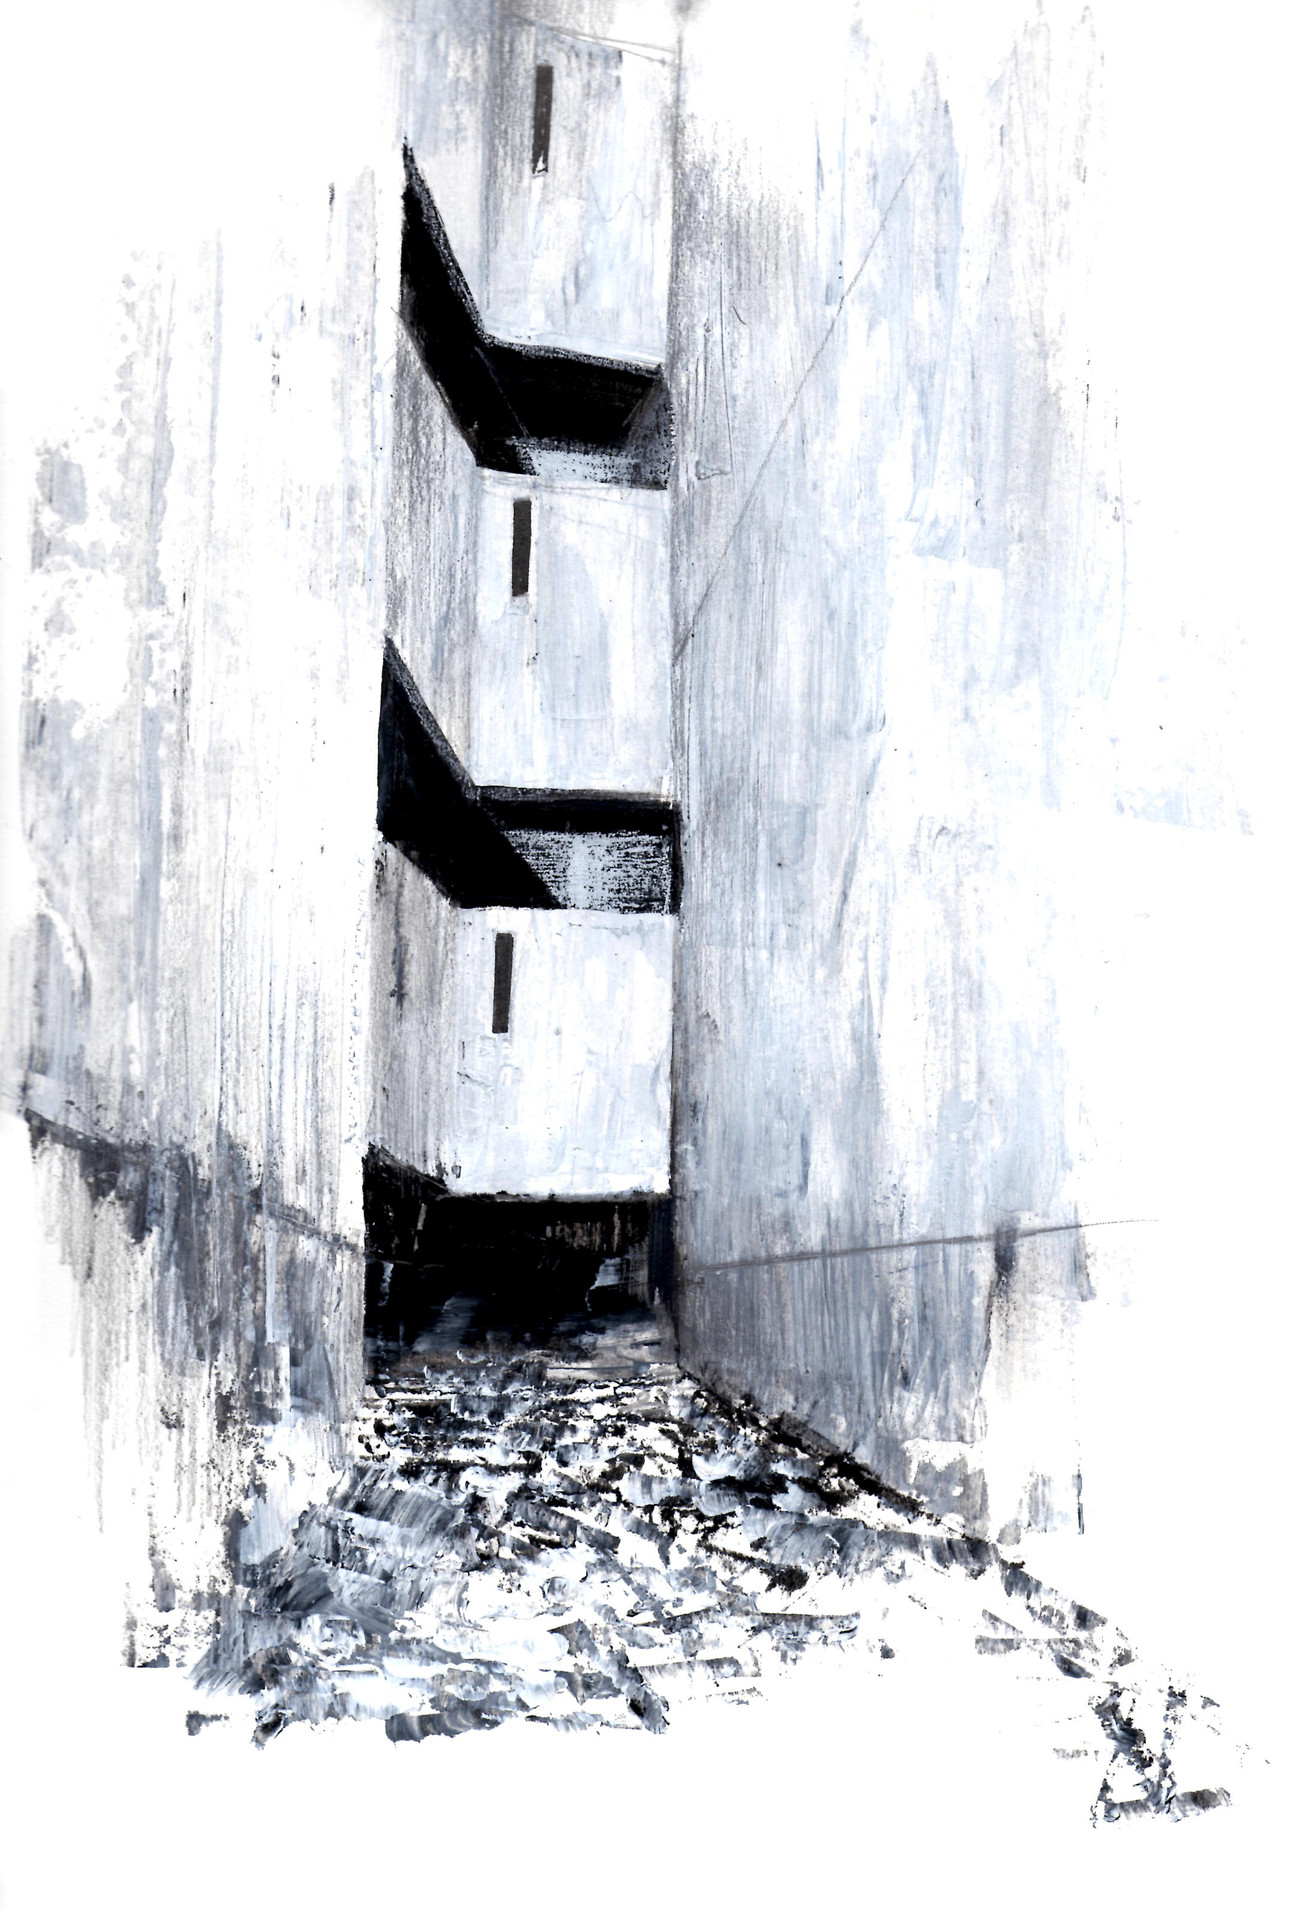 architecture - clara langelez